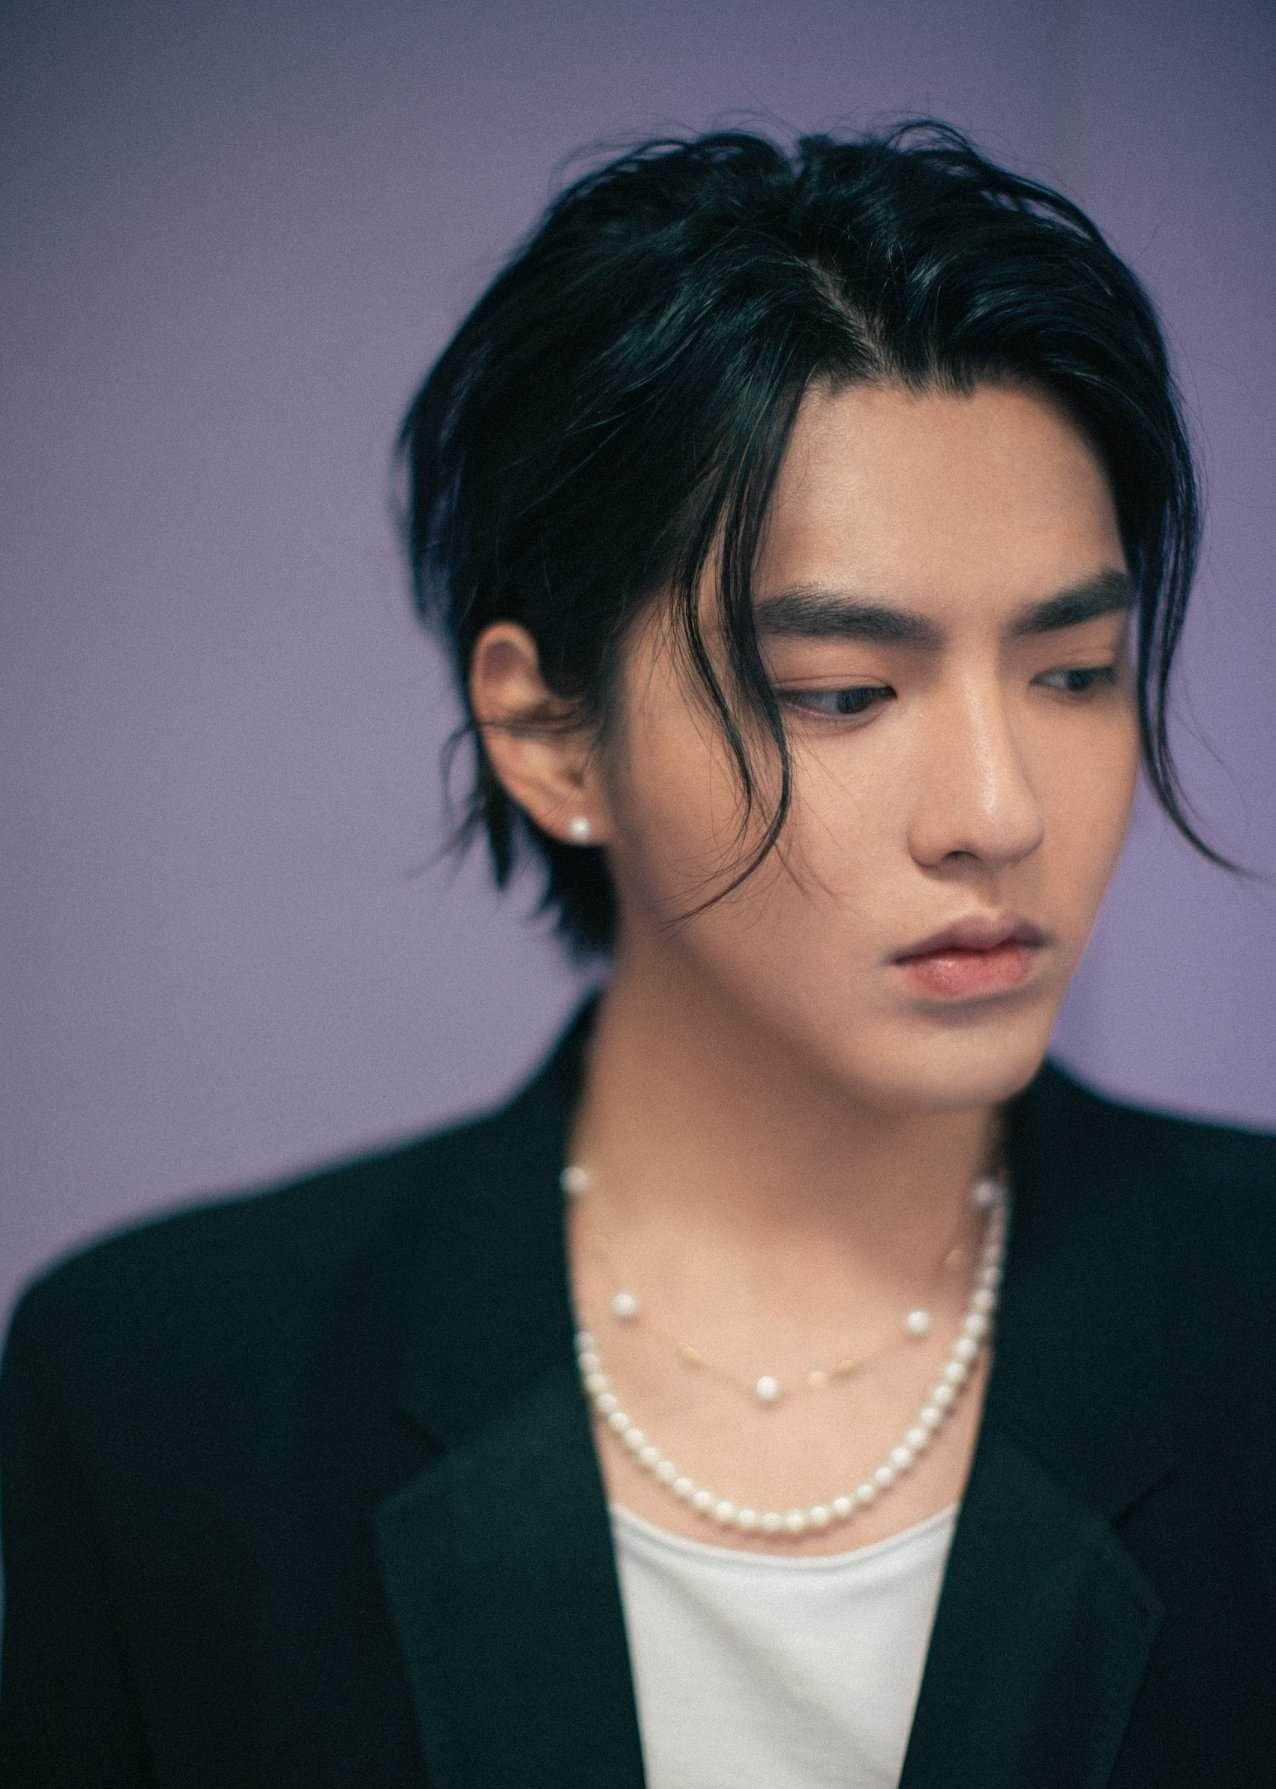 Pin by Tina Nguyen on KW Kris wu, Wu yi fan, Celebrities